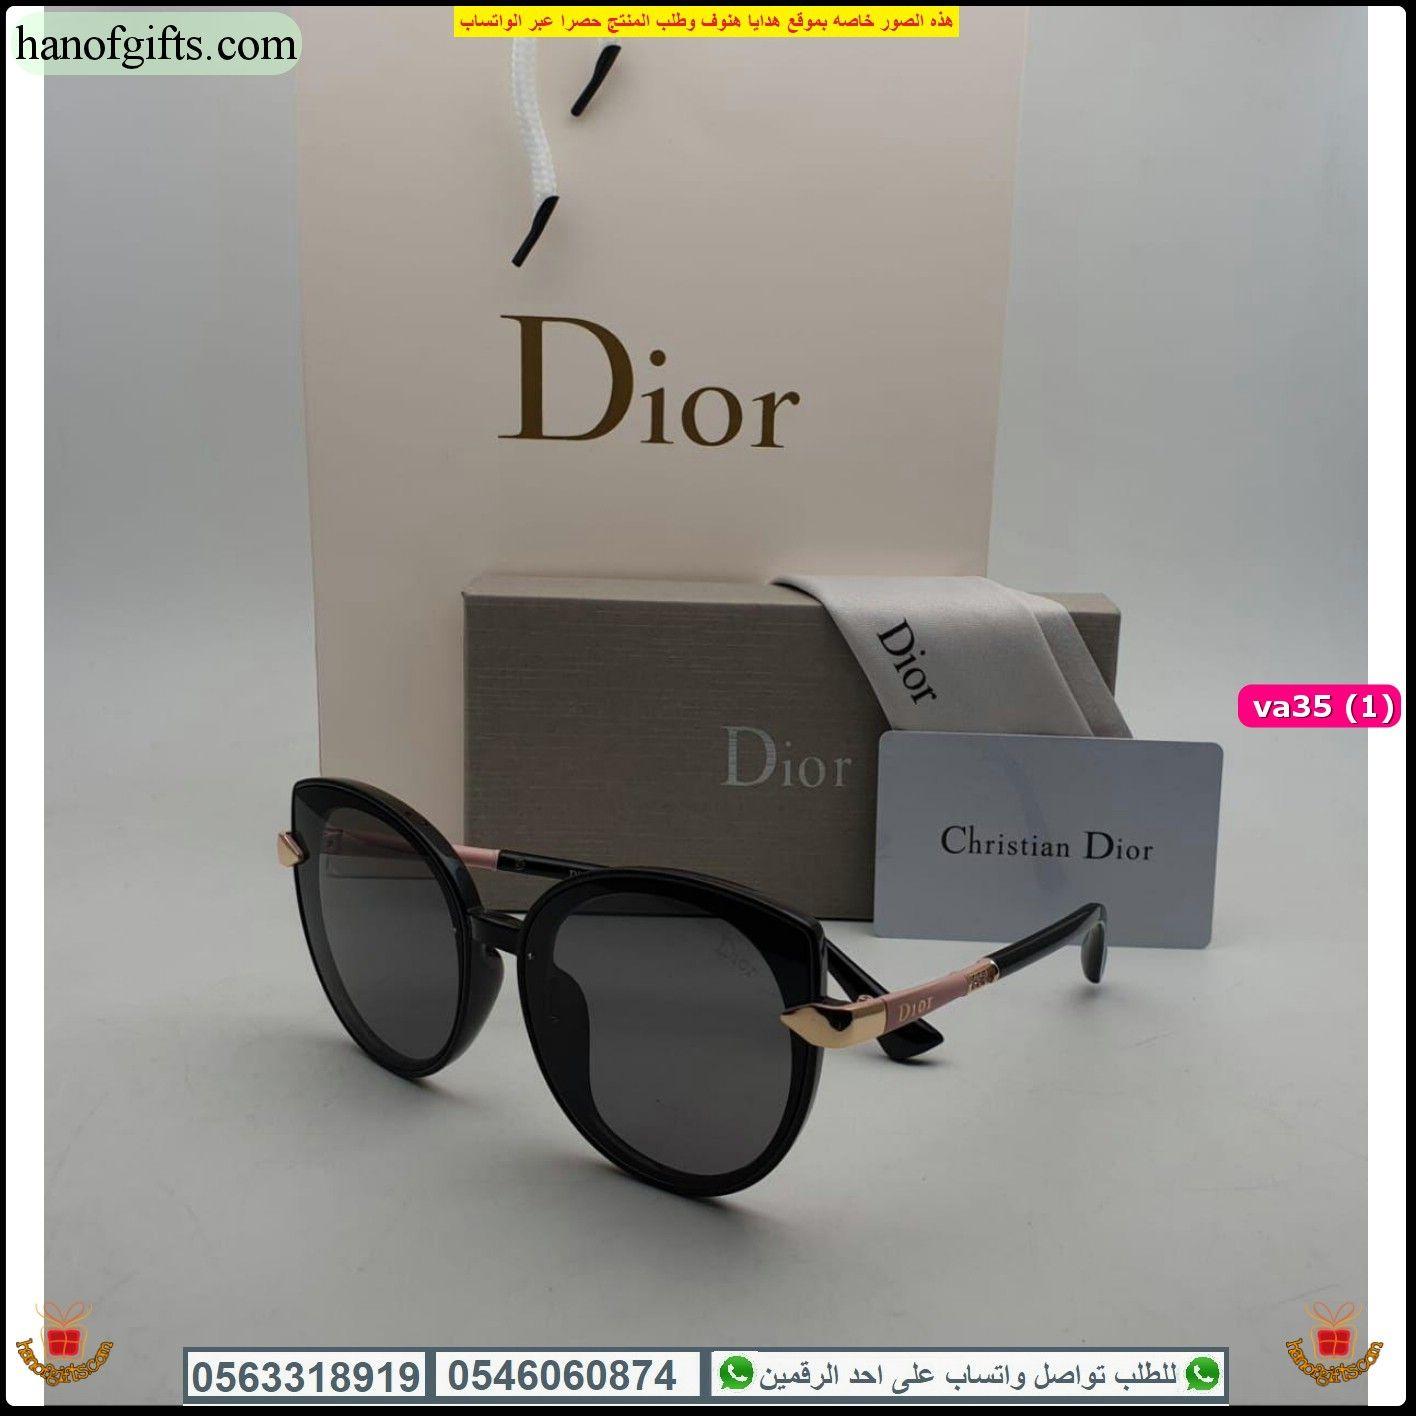 نظارات ديور نسائي درجة أولى مع جميع ملحقات الماركة كيس و علبة و كرت الماركة هدايا هنوف Round Sunglasses Oval Sunglass Glasses